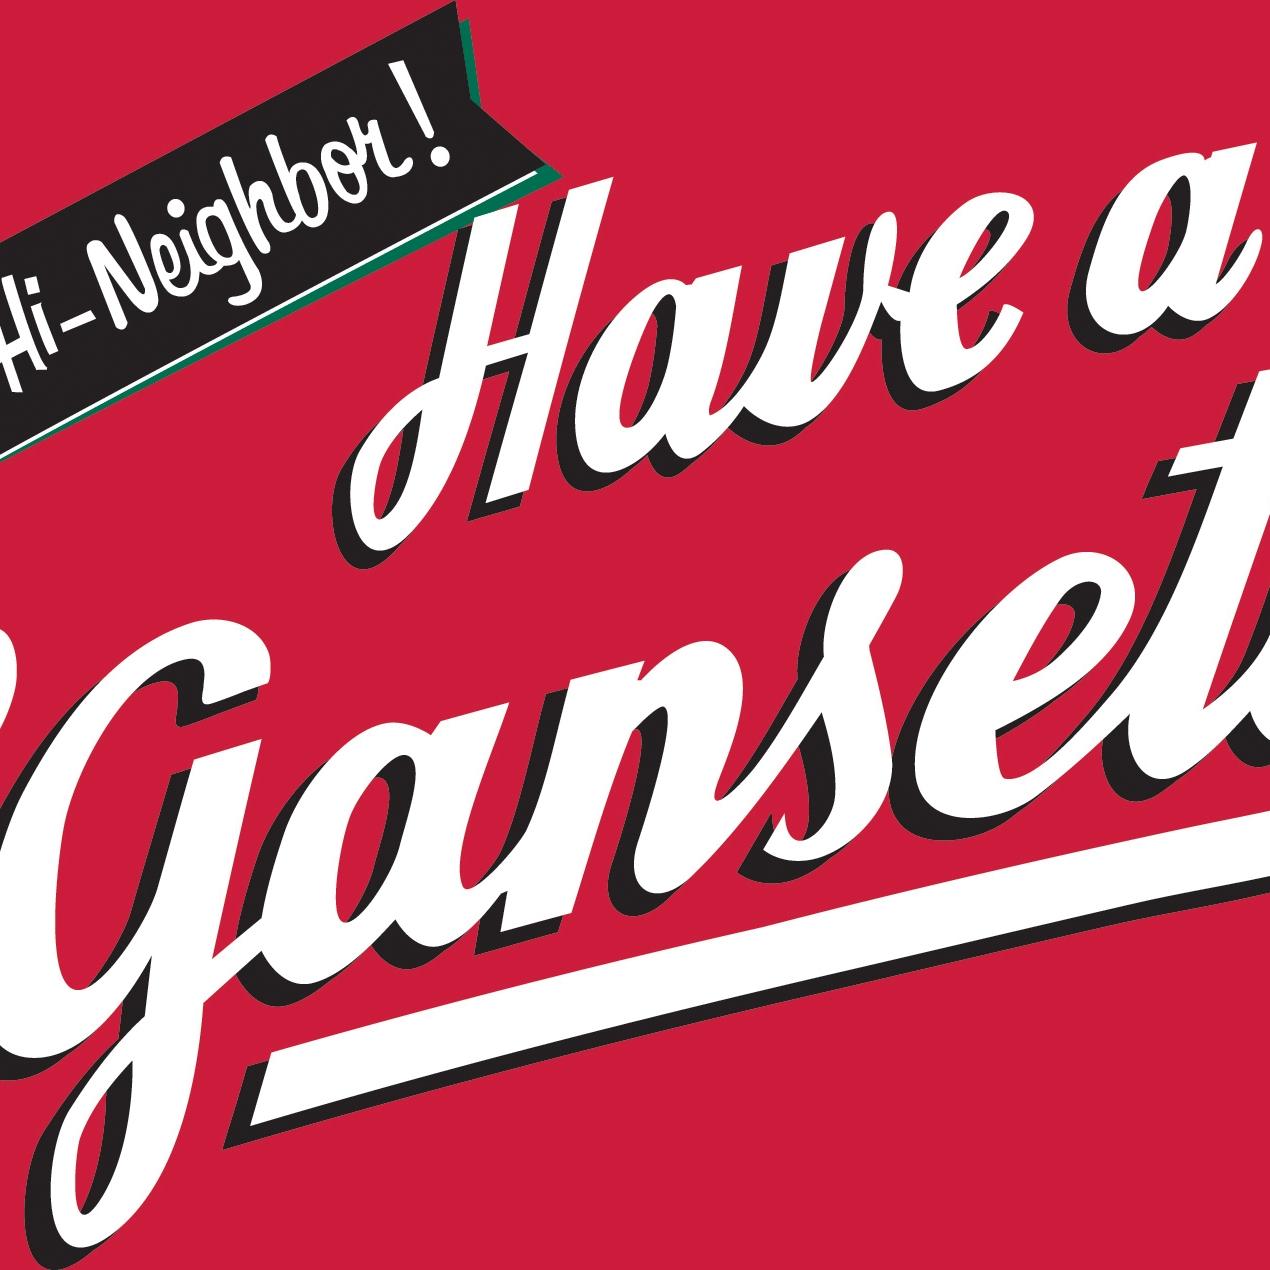 Narragansett Beer | Hi Neighbor!